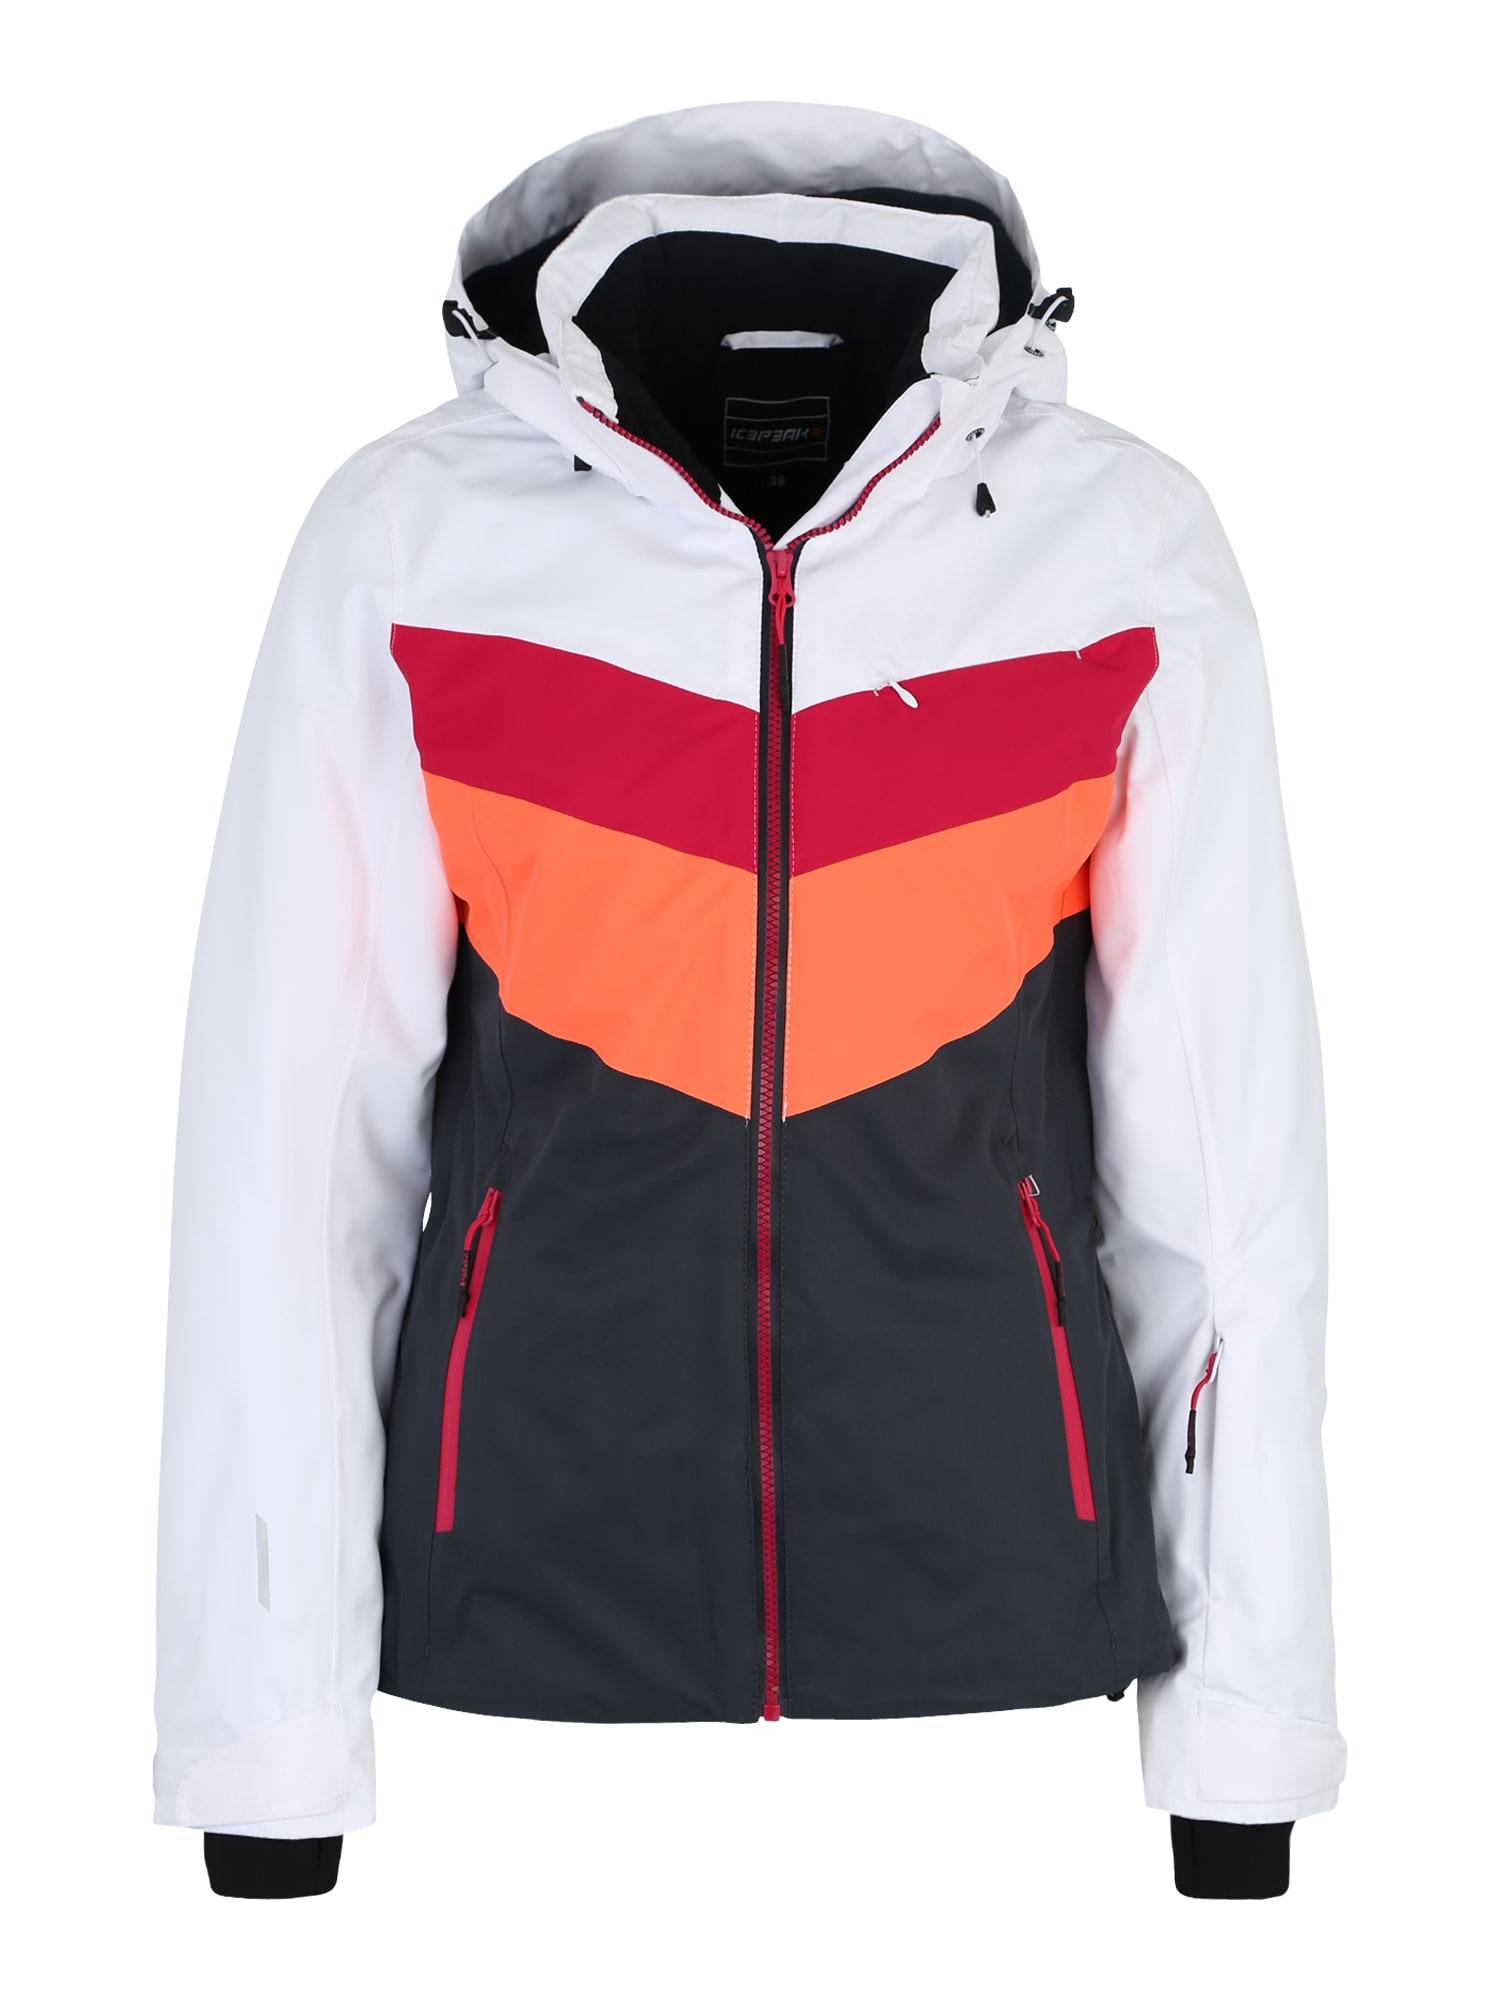 Outdoorová bunda Kate černá bílá ICEPEAK